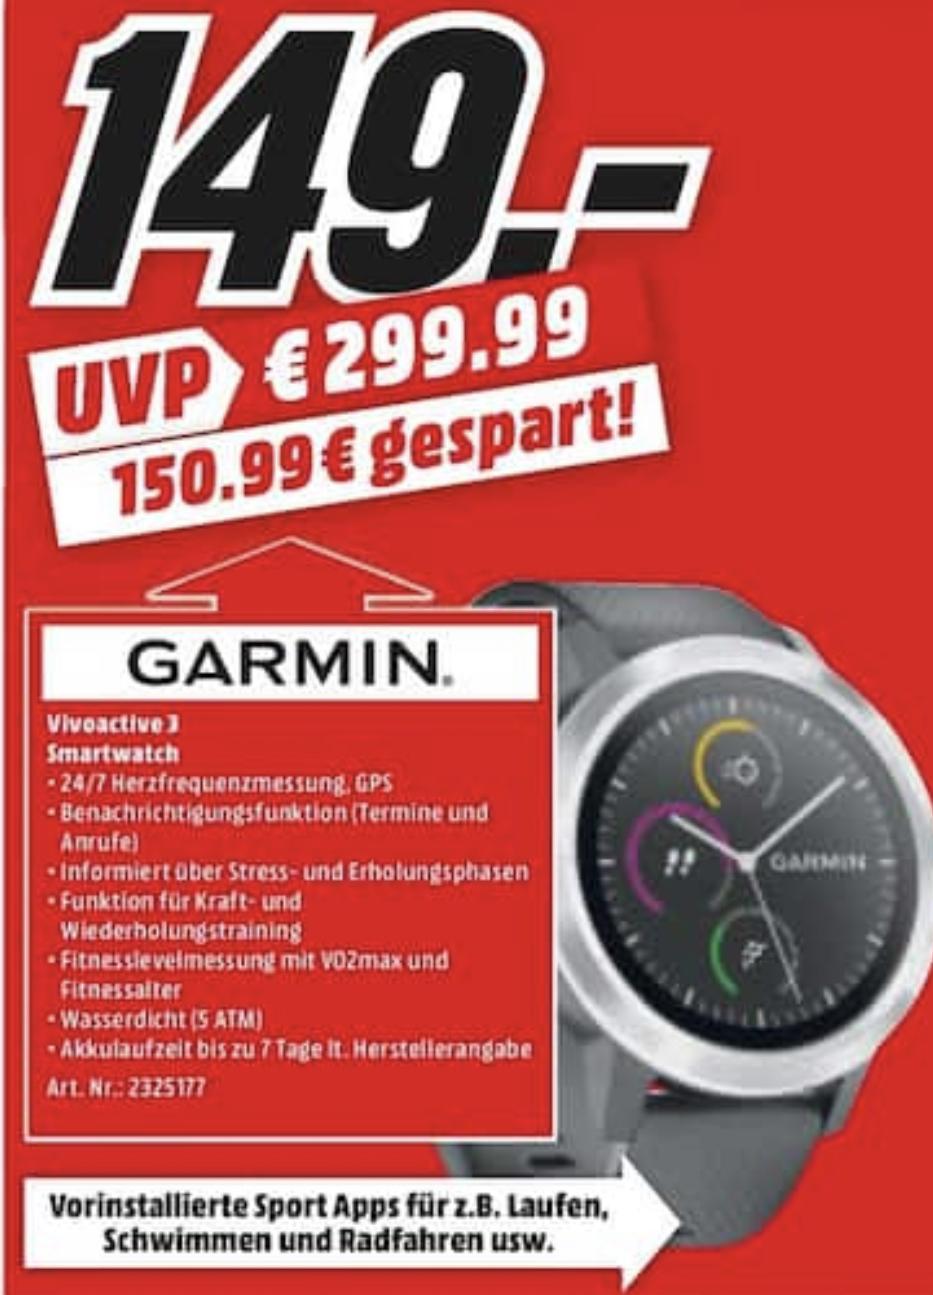 [Lokal: Media Markt Heilbronn] GARMIN vívoactive 3 silber-schwarz | Surface Go 4GB/64GB + Type Cover + Office =399€ | LG OLED65C8 = 1799€